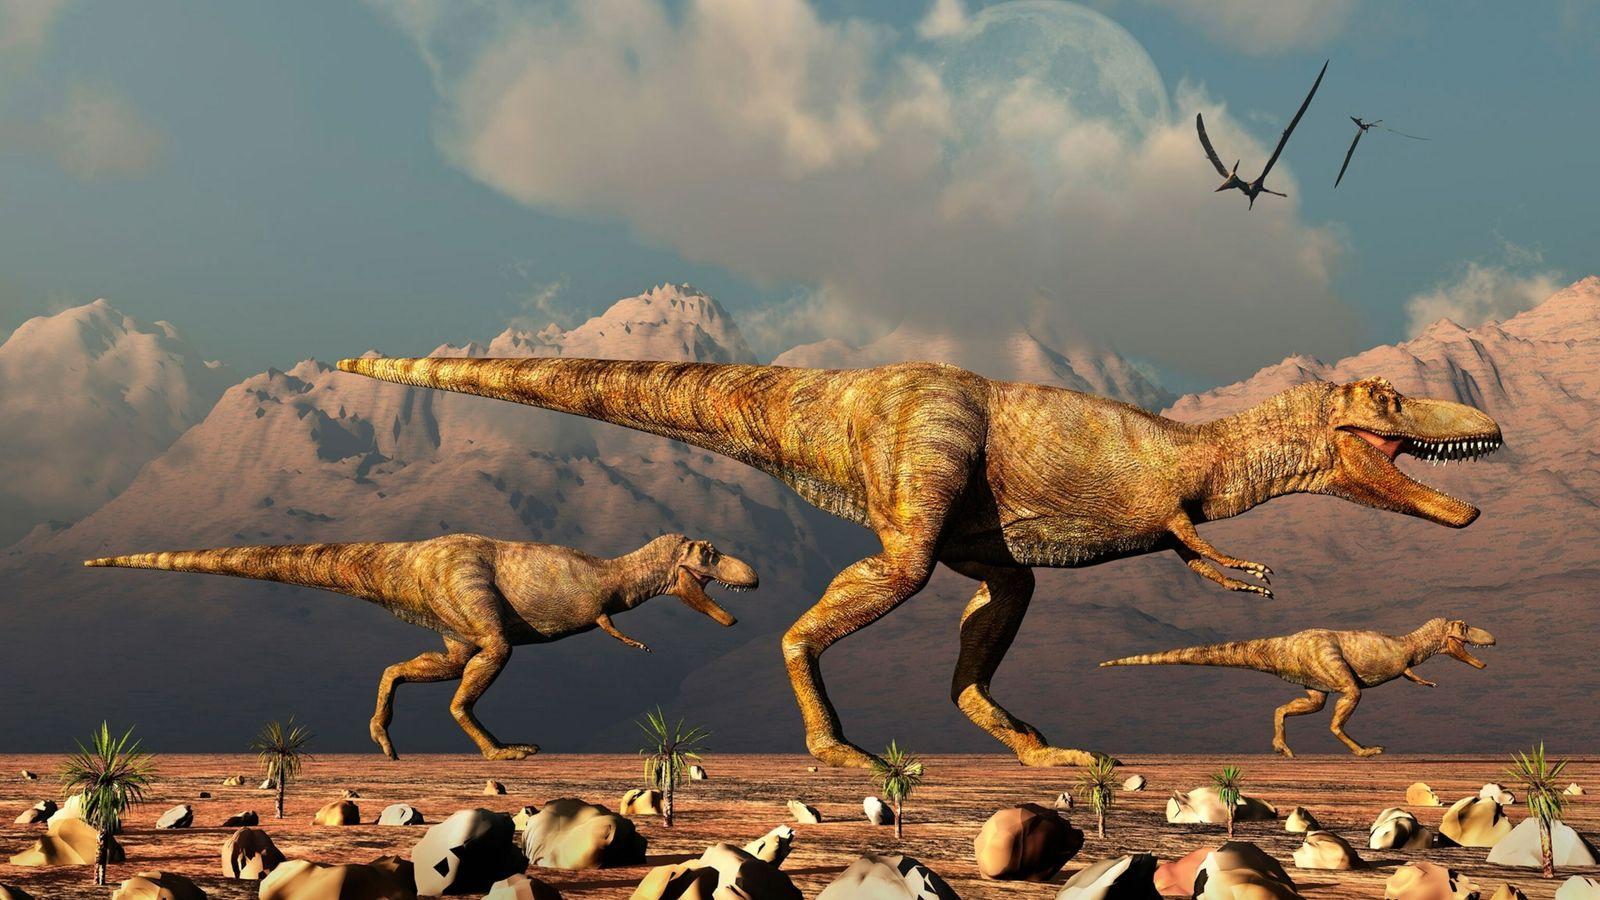 Paläontologen fanden heraus, wie viele T. rex insgesamt auf der Erde gelebt haben.